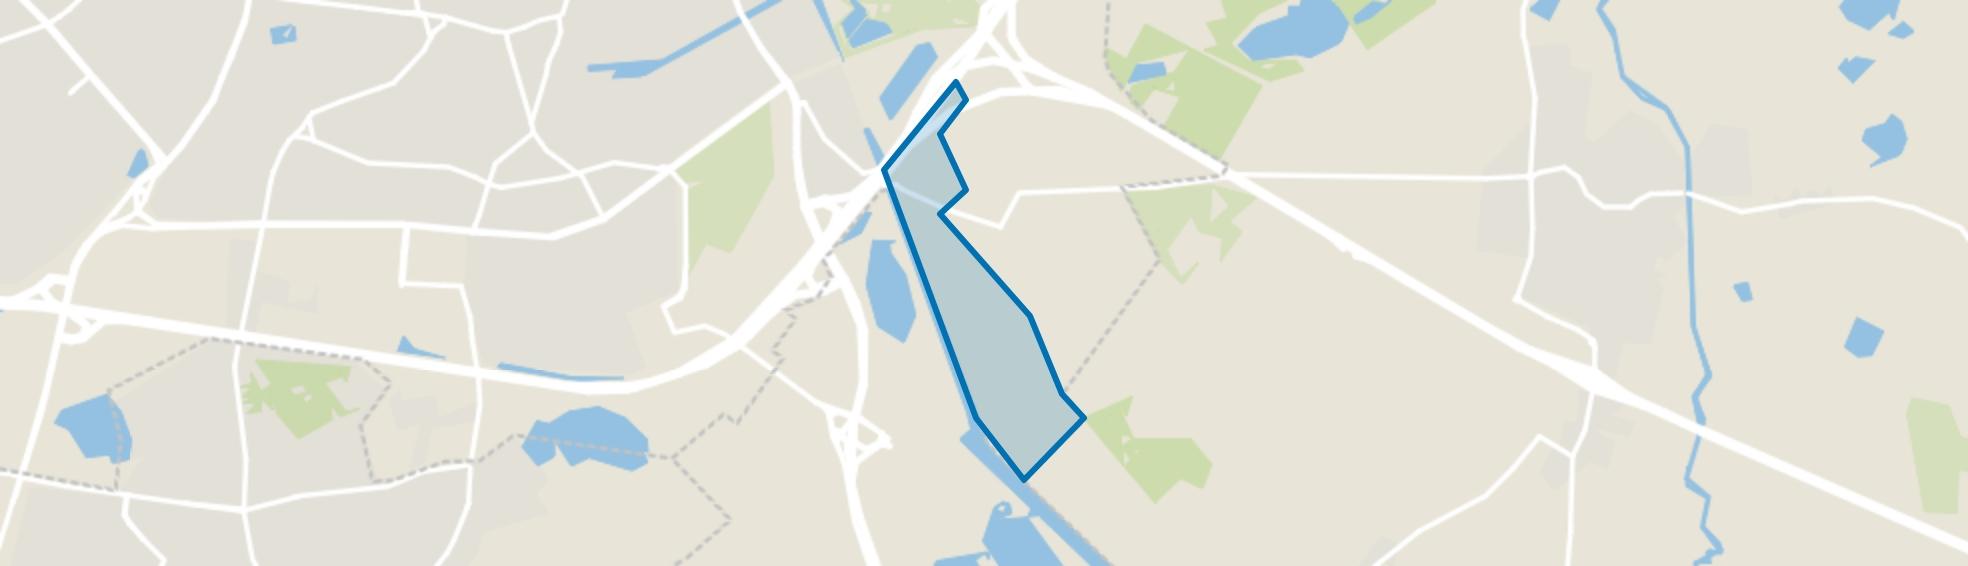 Buitengebied Tilburg Zuid-Oost, Tilburg map